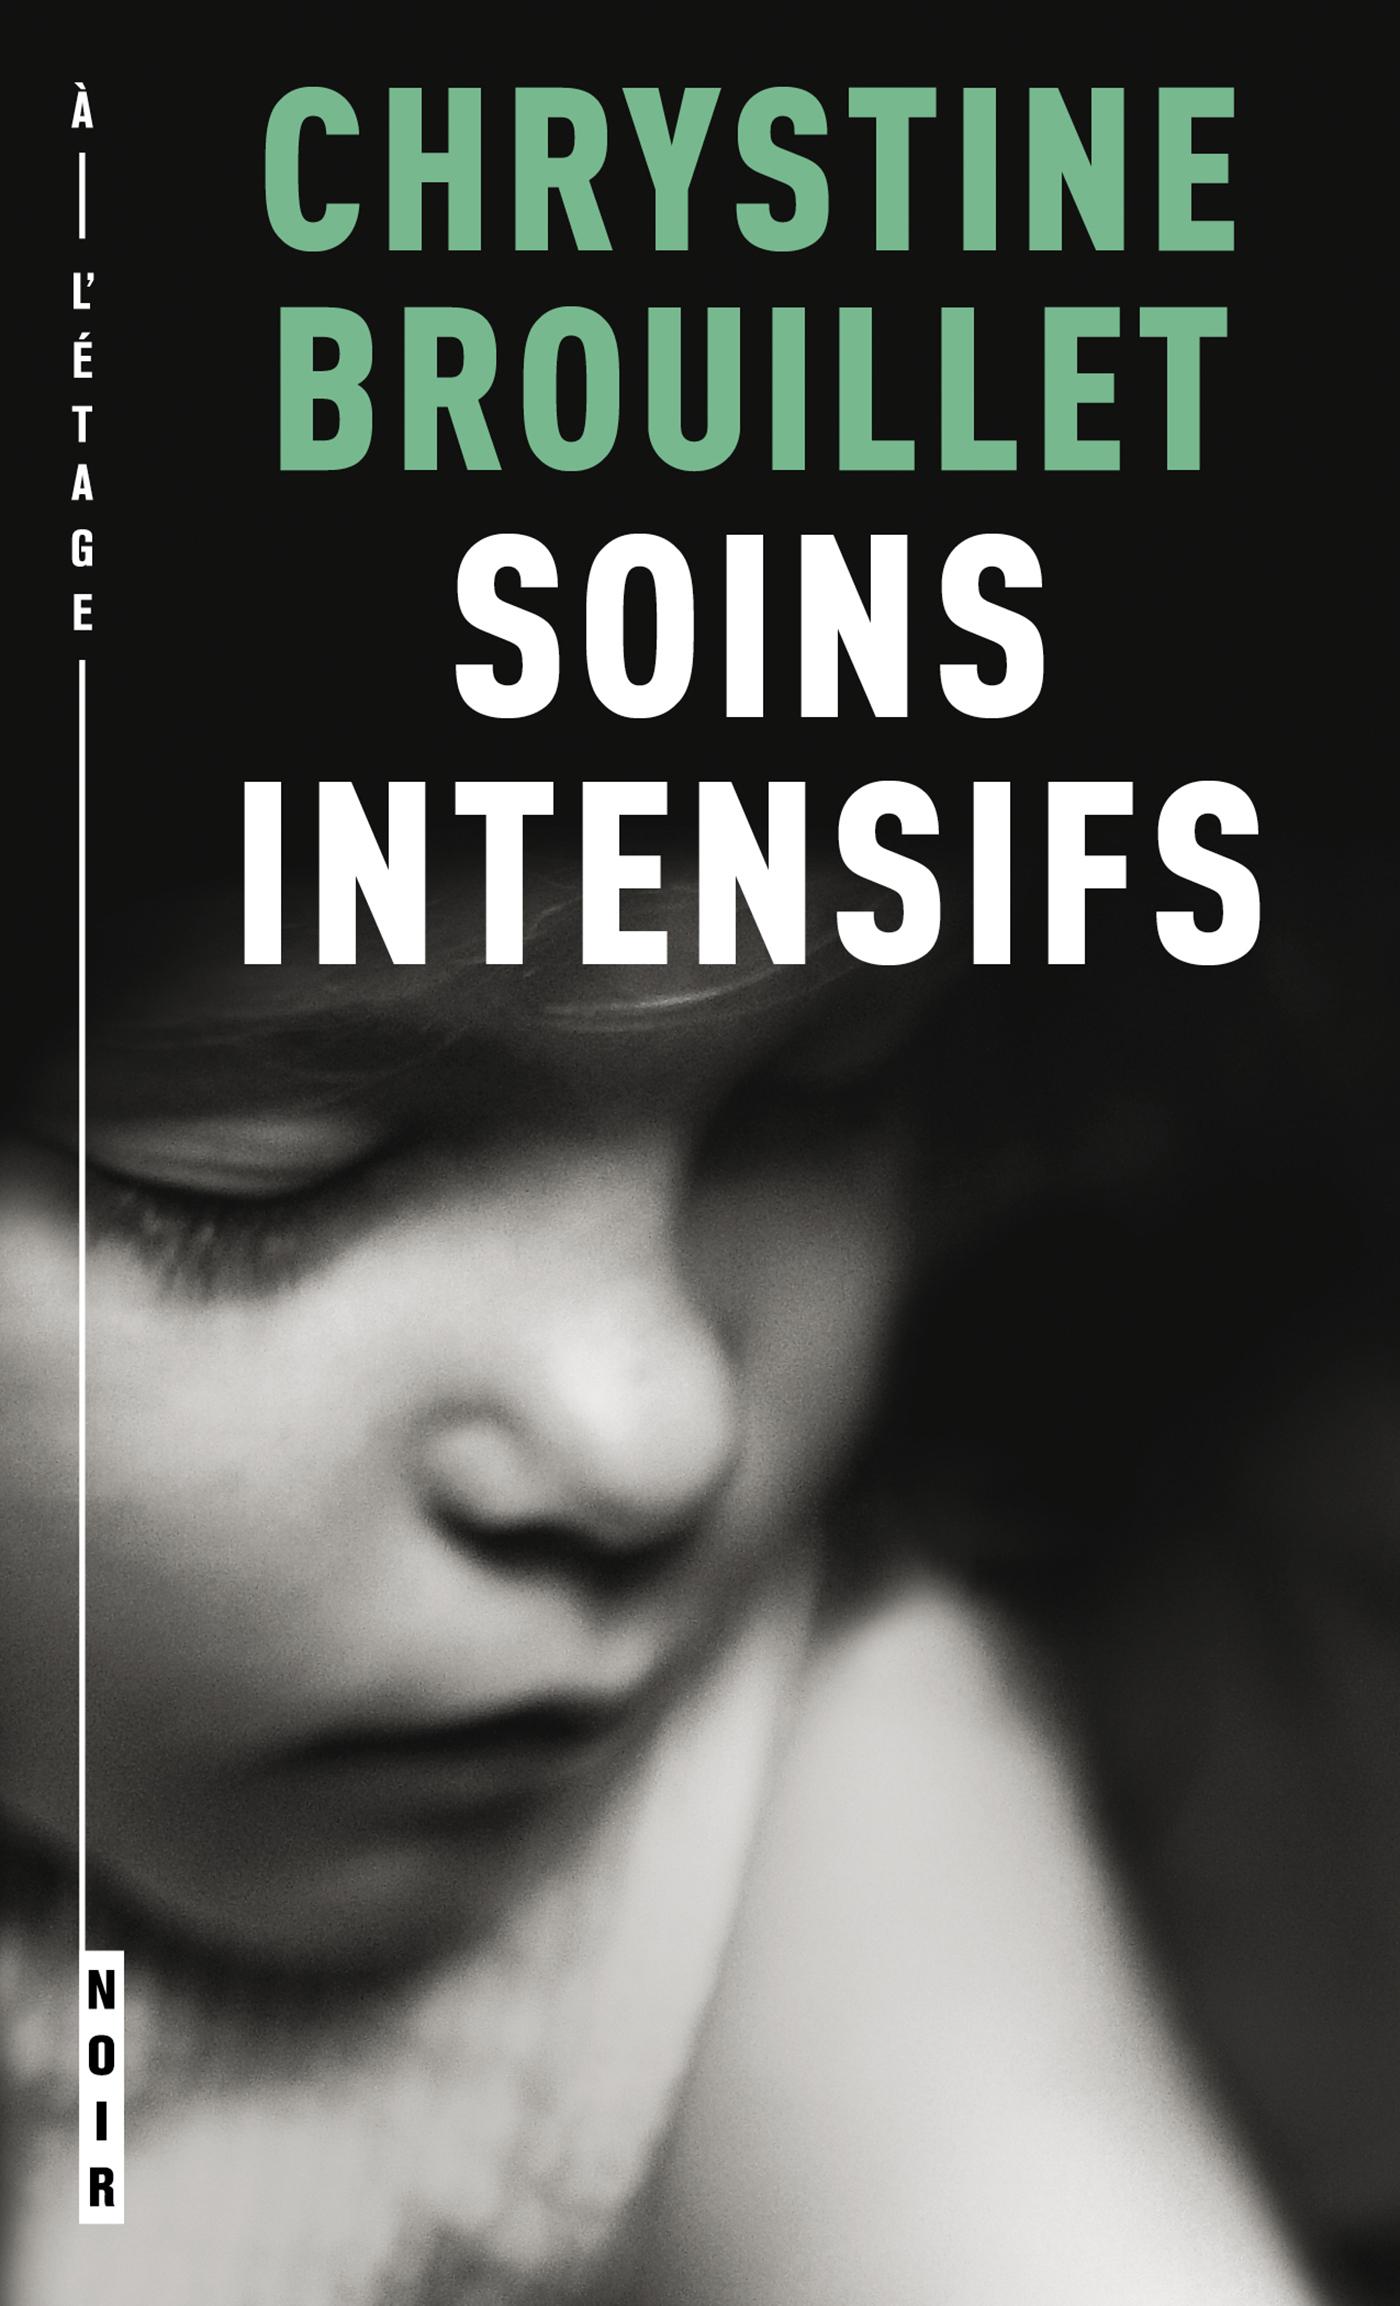 SOINS INTENSIFS